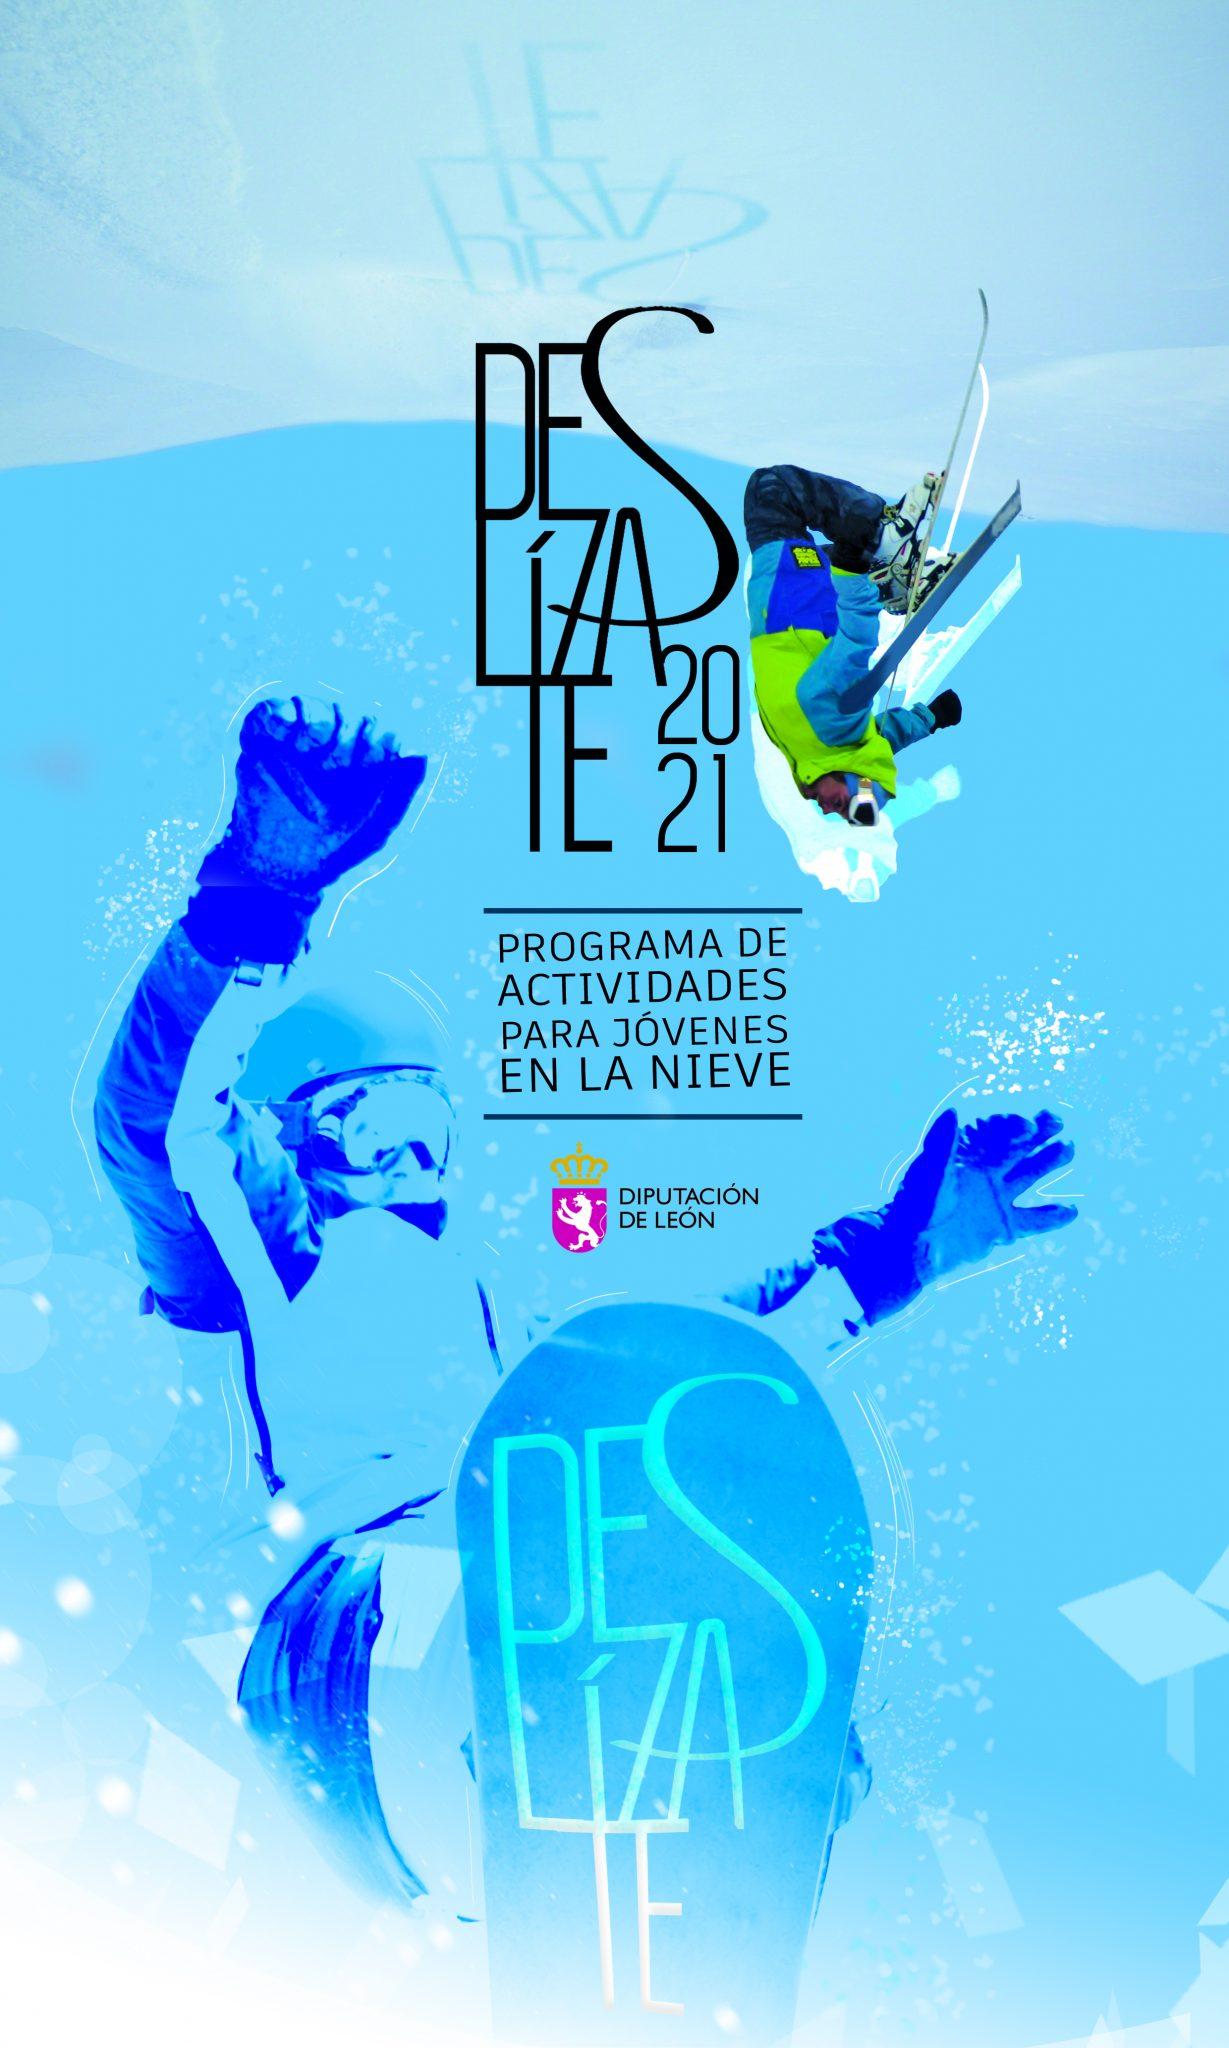 La Diputación oferta cinco cursos de esquí o snow para jóvenes de la provincia a través del programa Deslízate 2